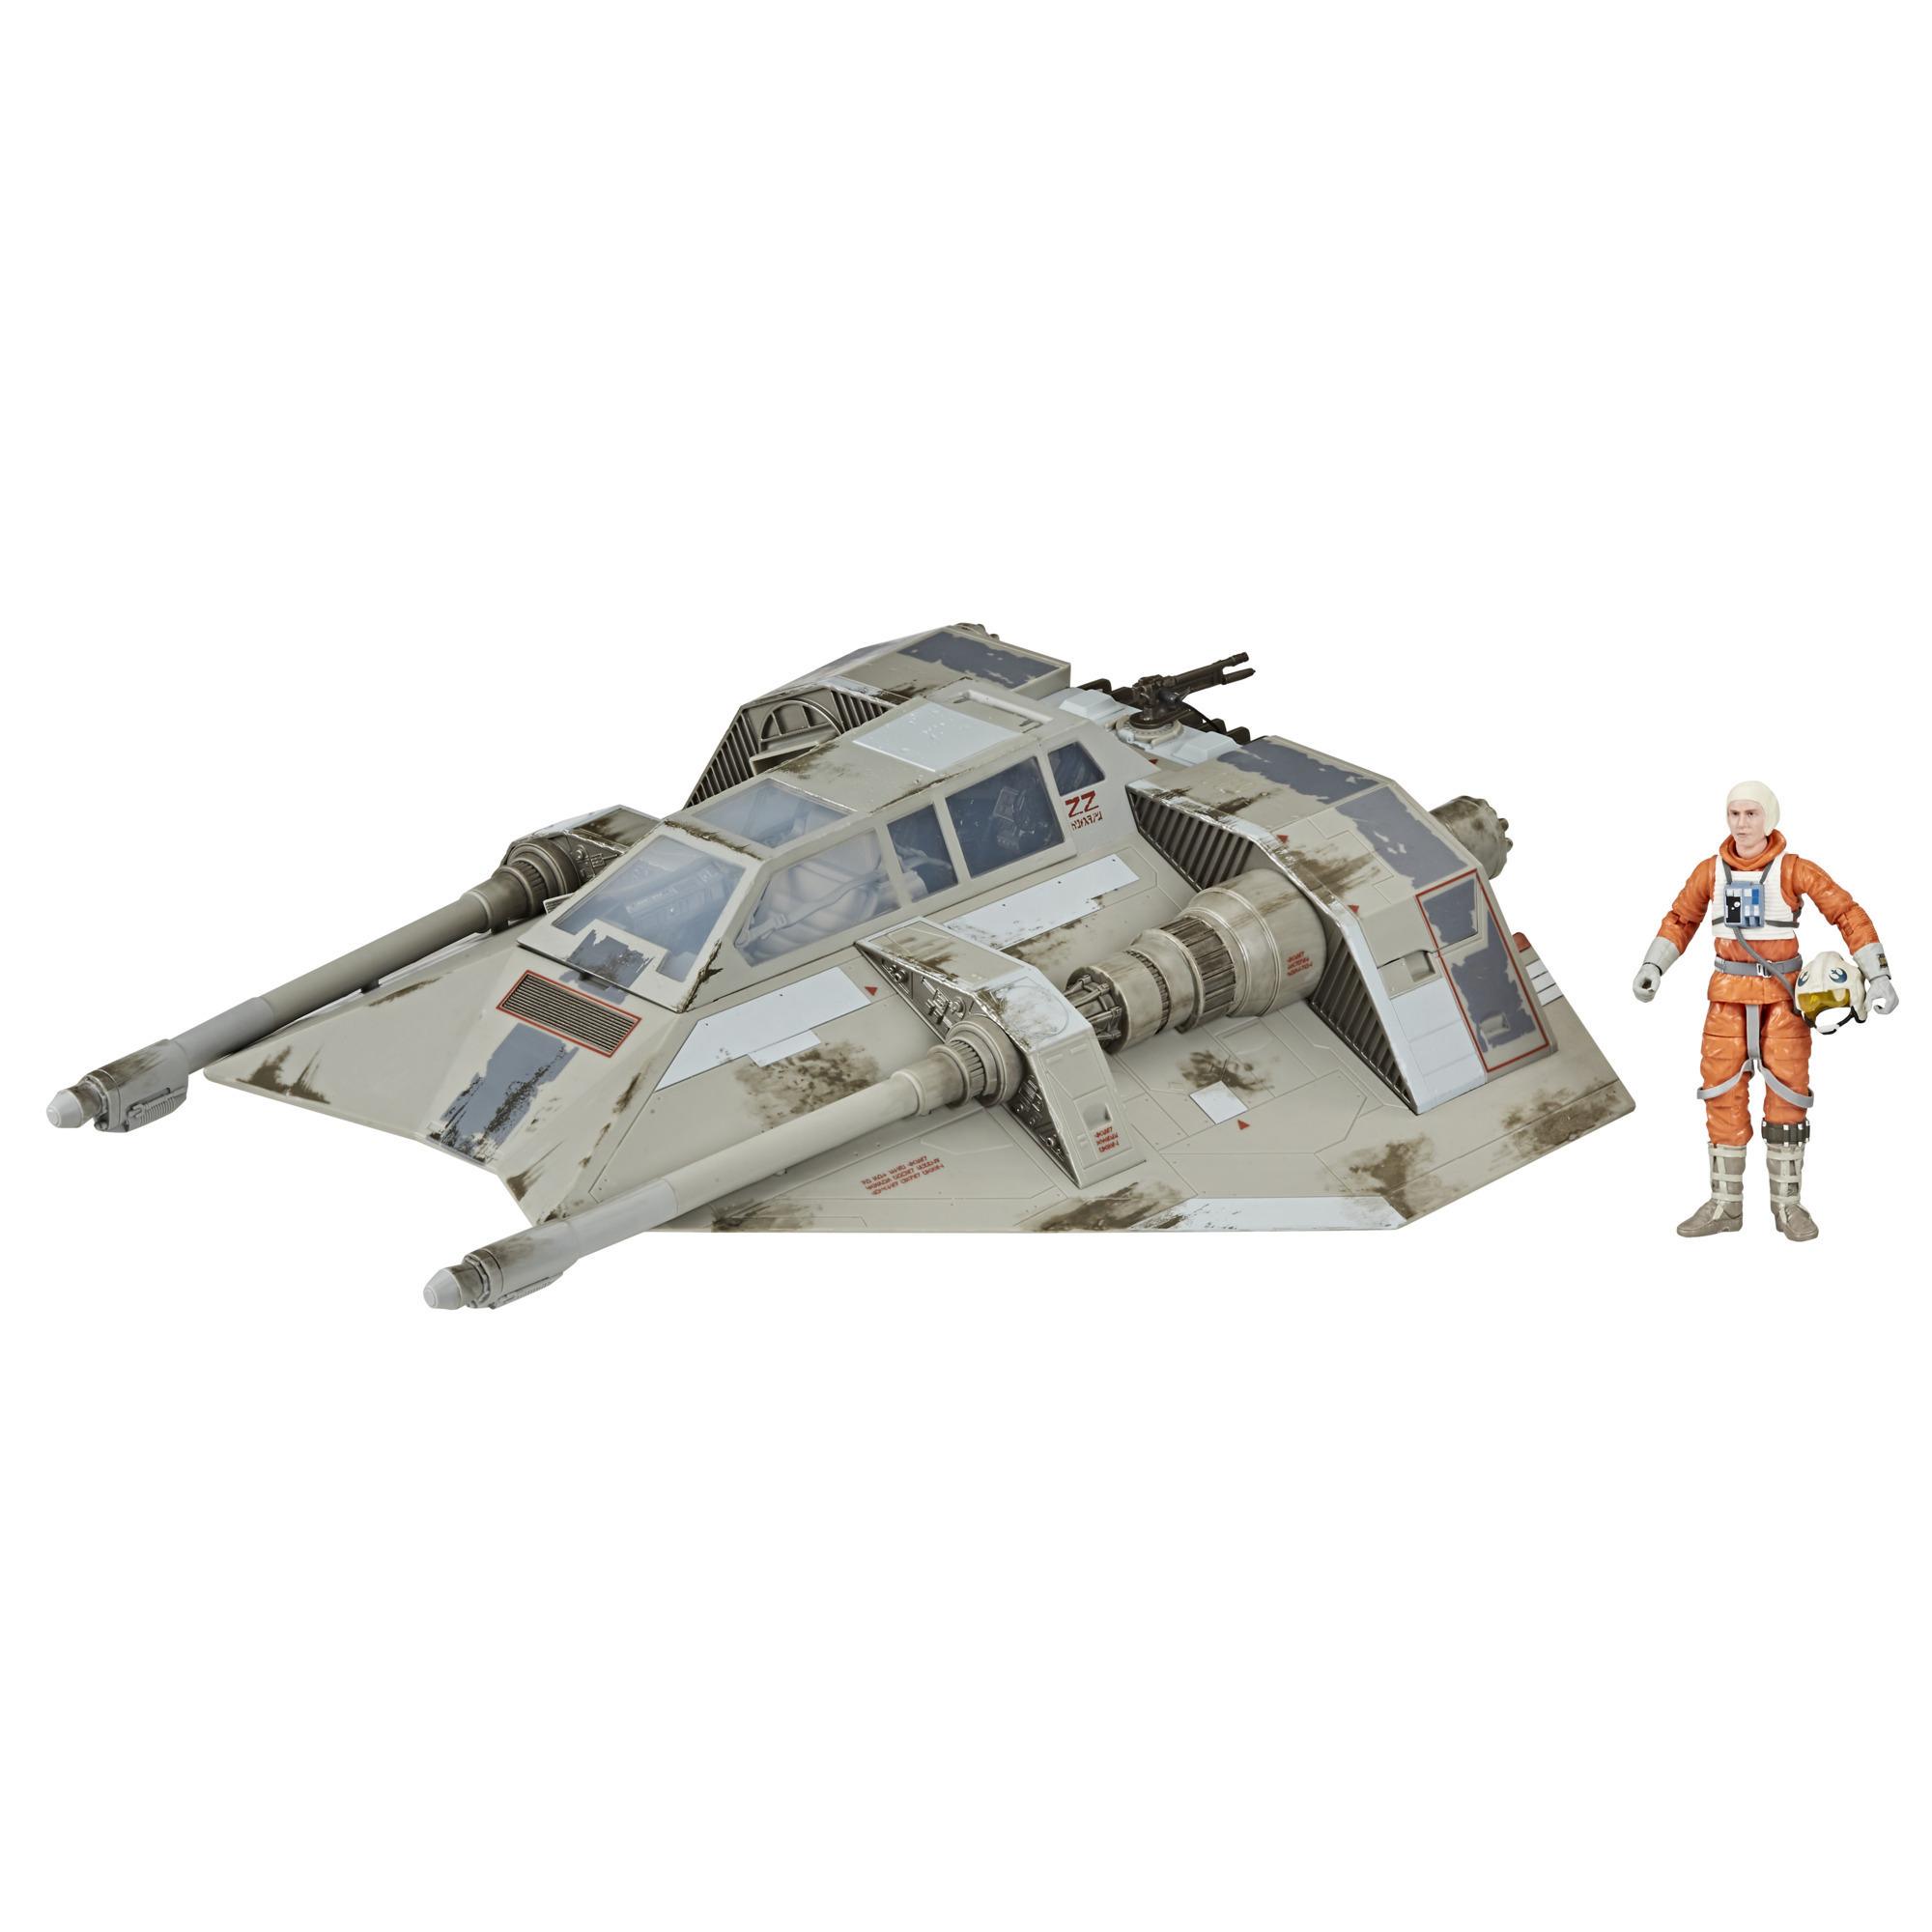 Juguetes coleccionables de Star Wars The Black Series de vehículo Snowspeeder con figura de Dak Ralter de 15cm de Star Wars: El Imperio contraataca